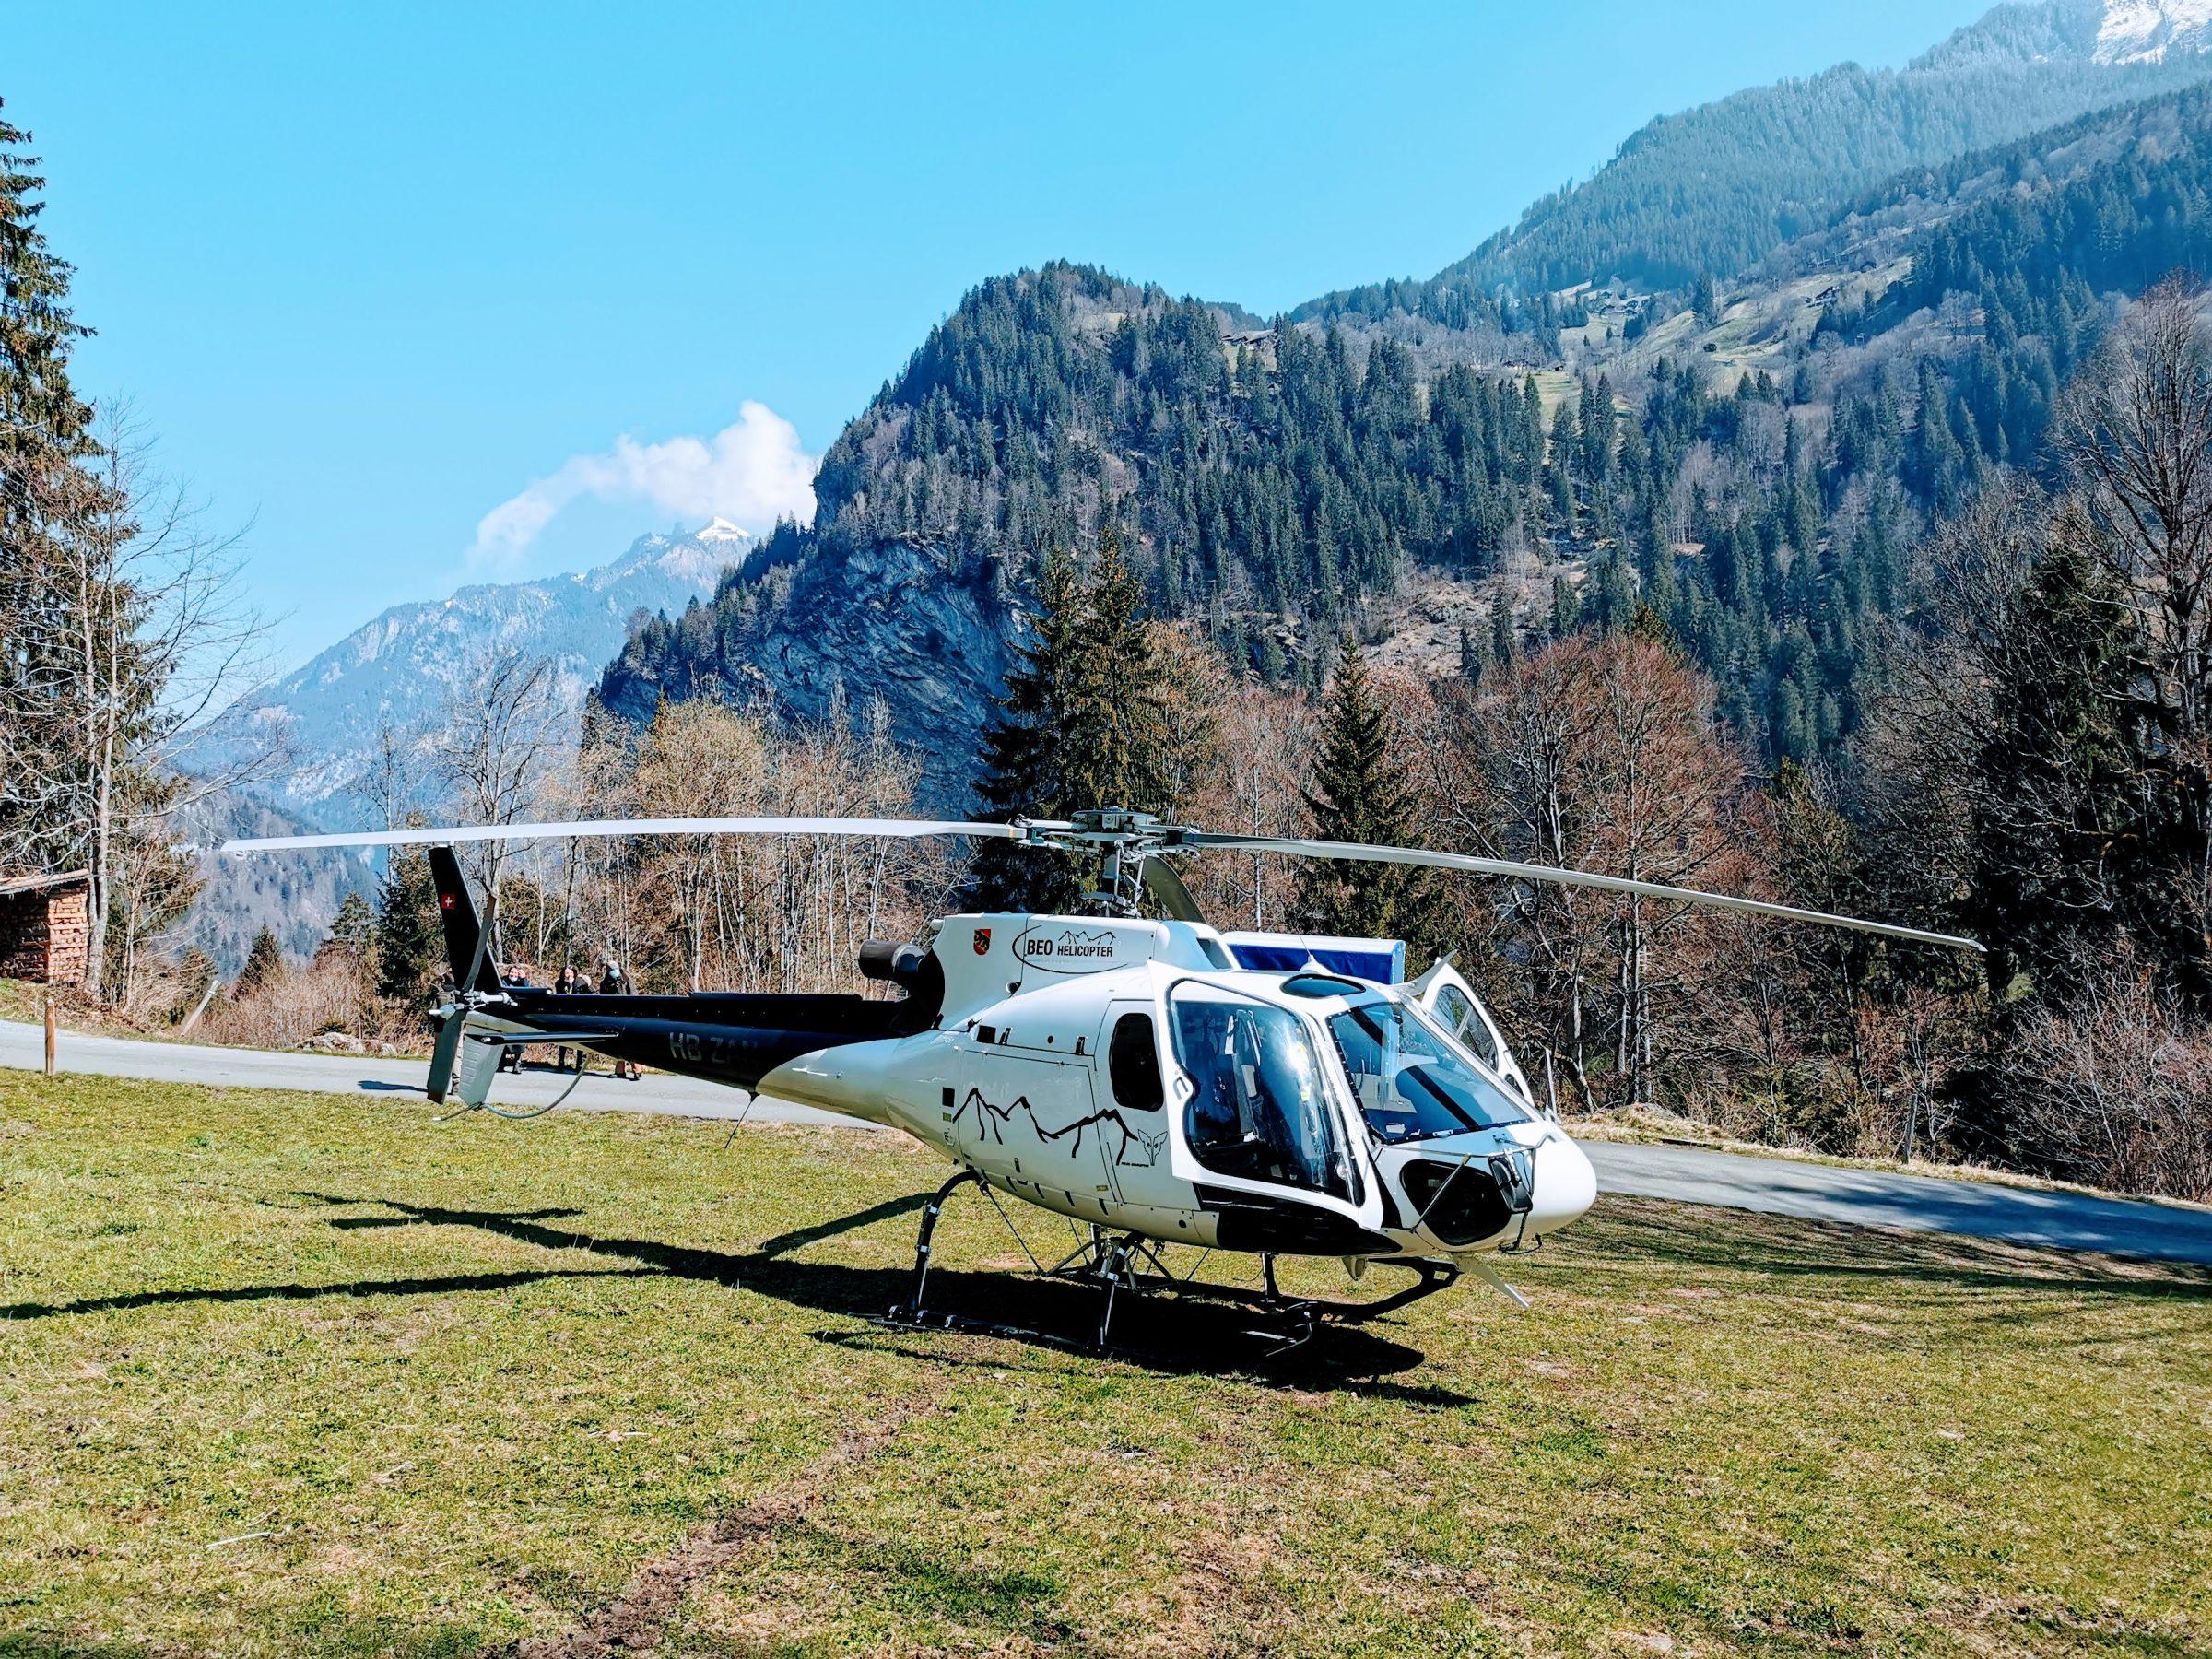 De helicopter waar we mee op de gletsjer gaan landen